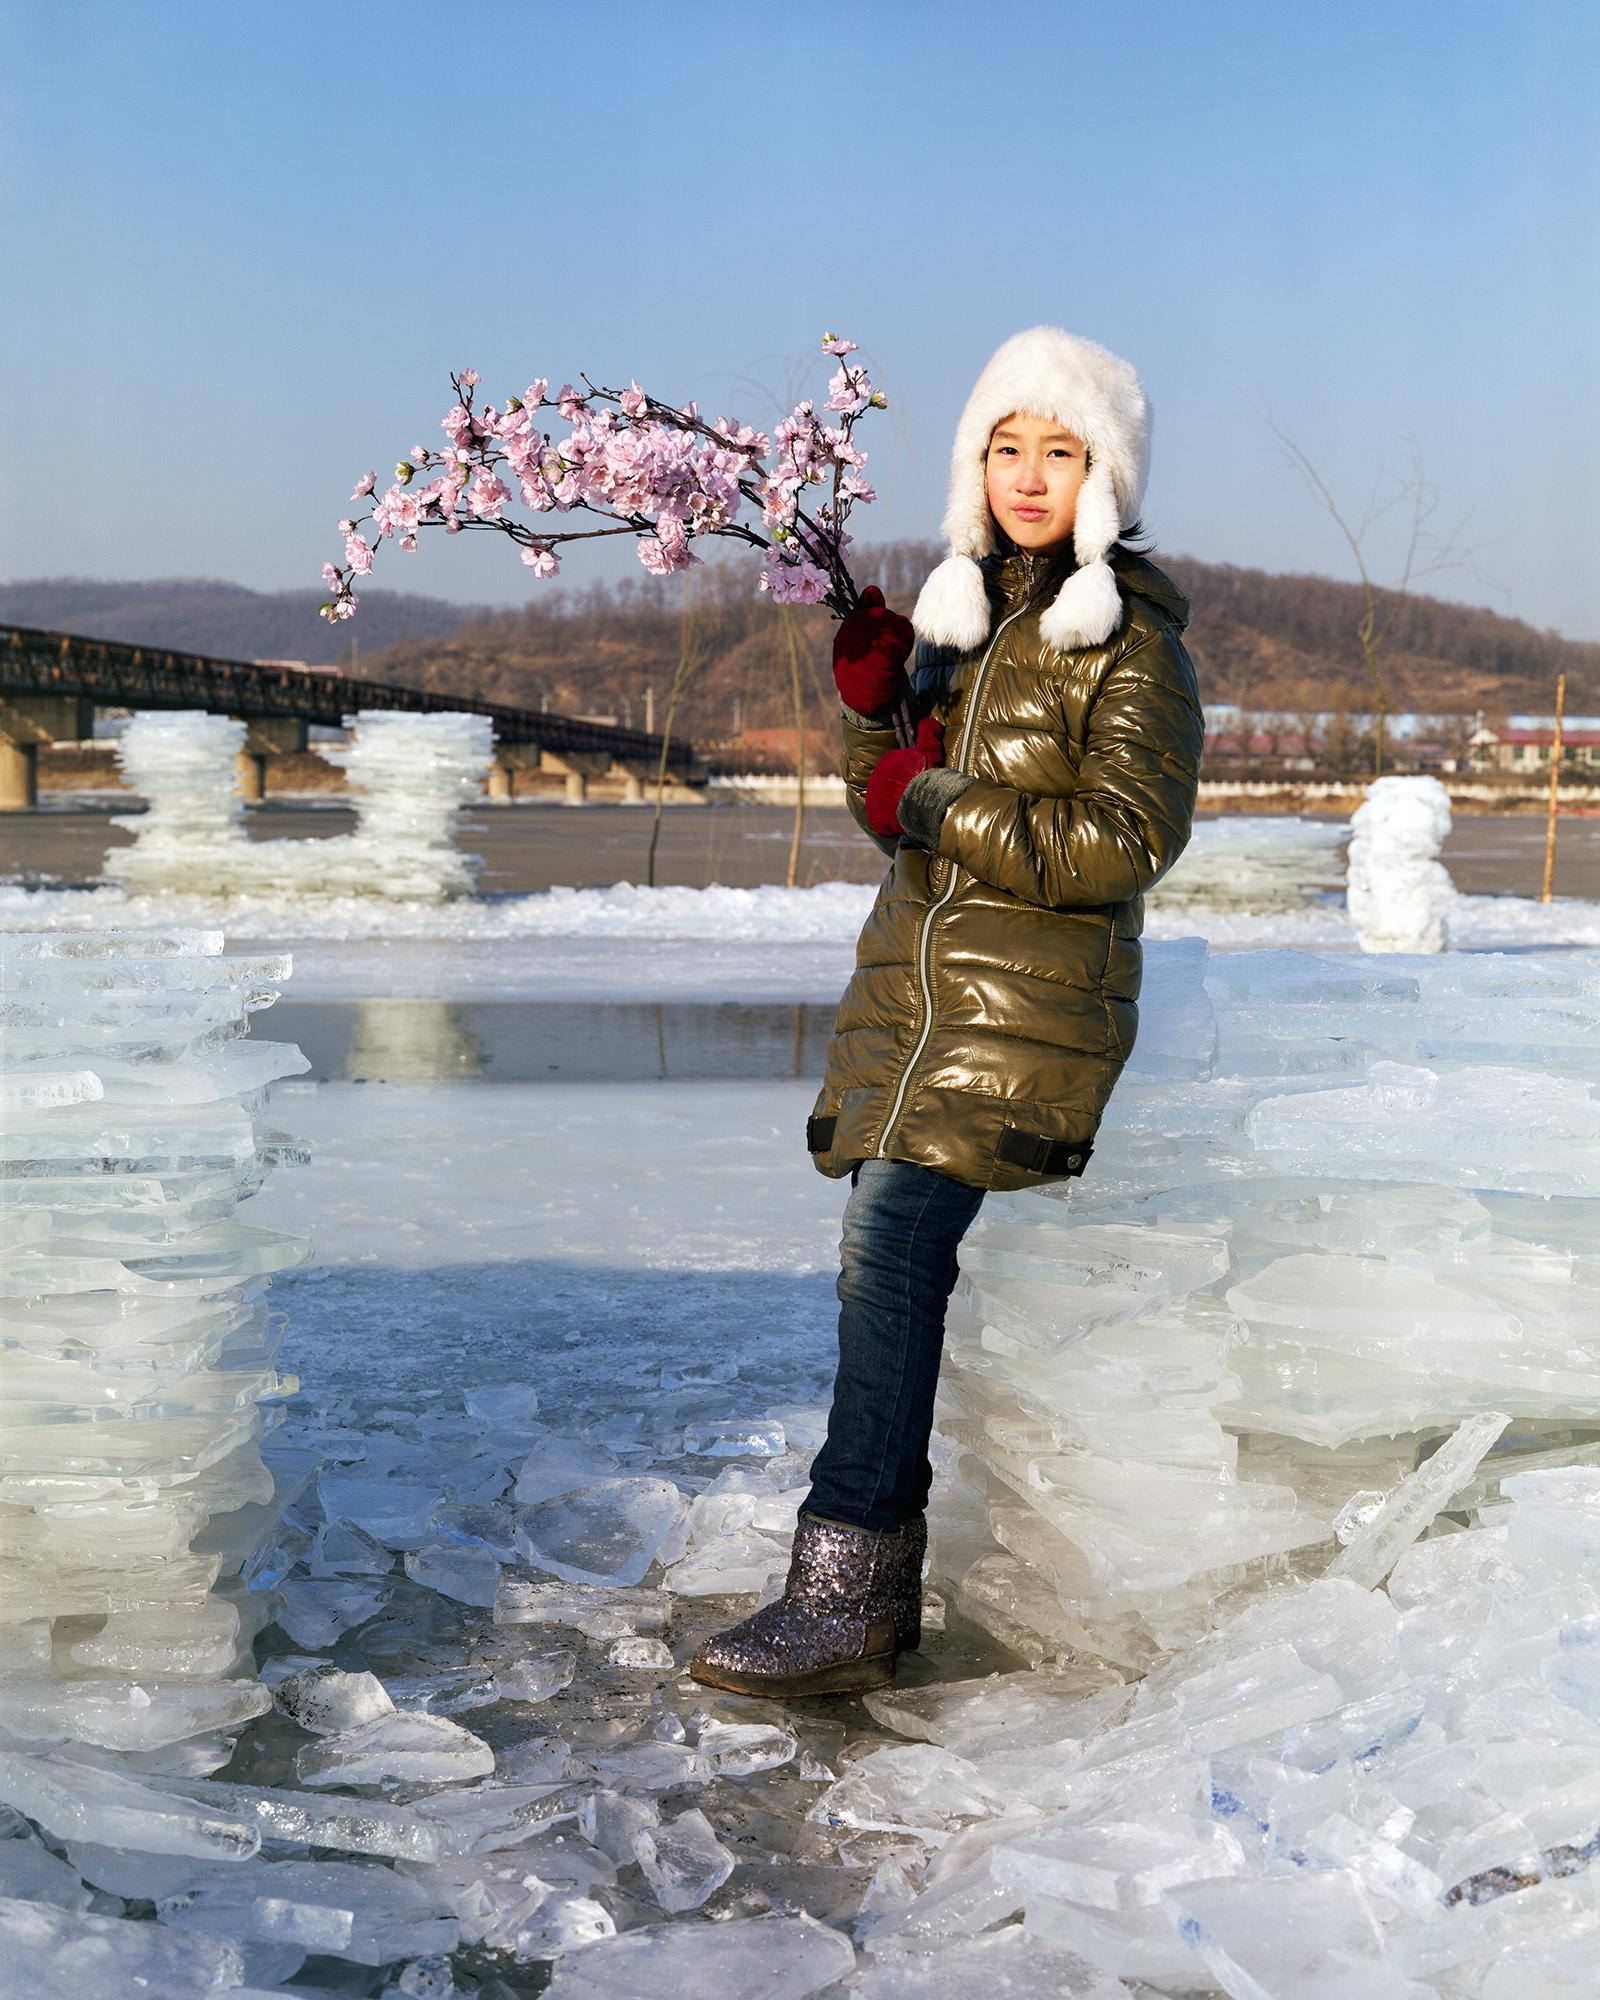 chen-ronghui-photography-of-china-Freezing Land  12-OK.jpg